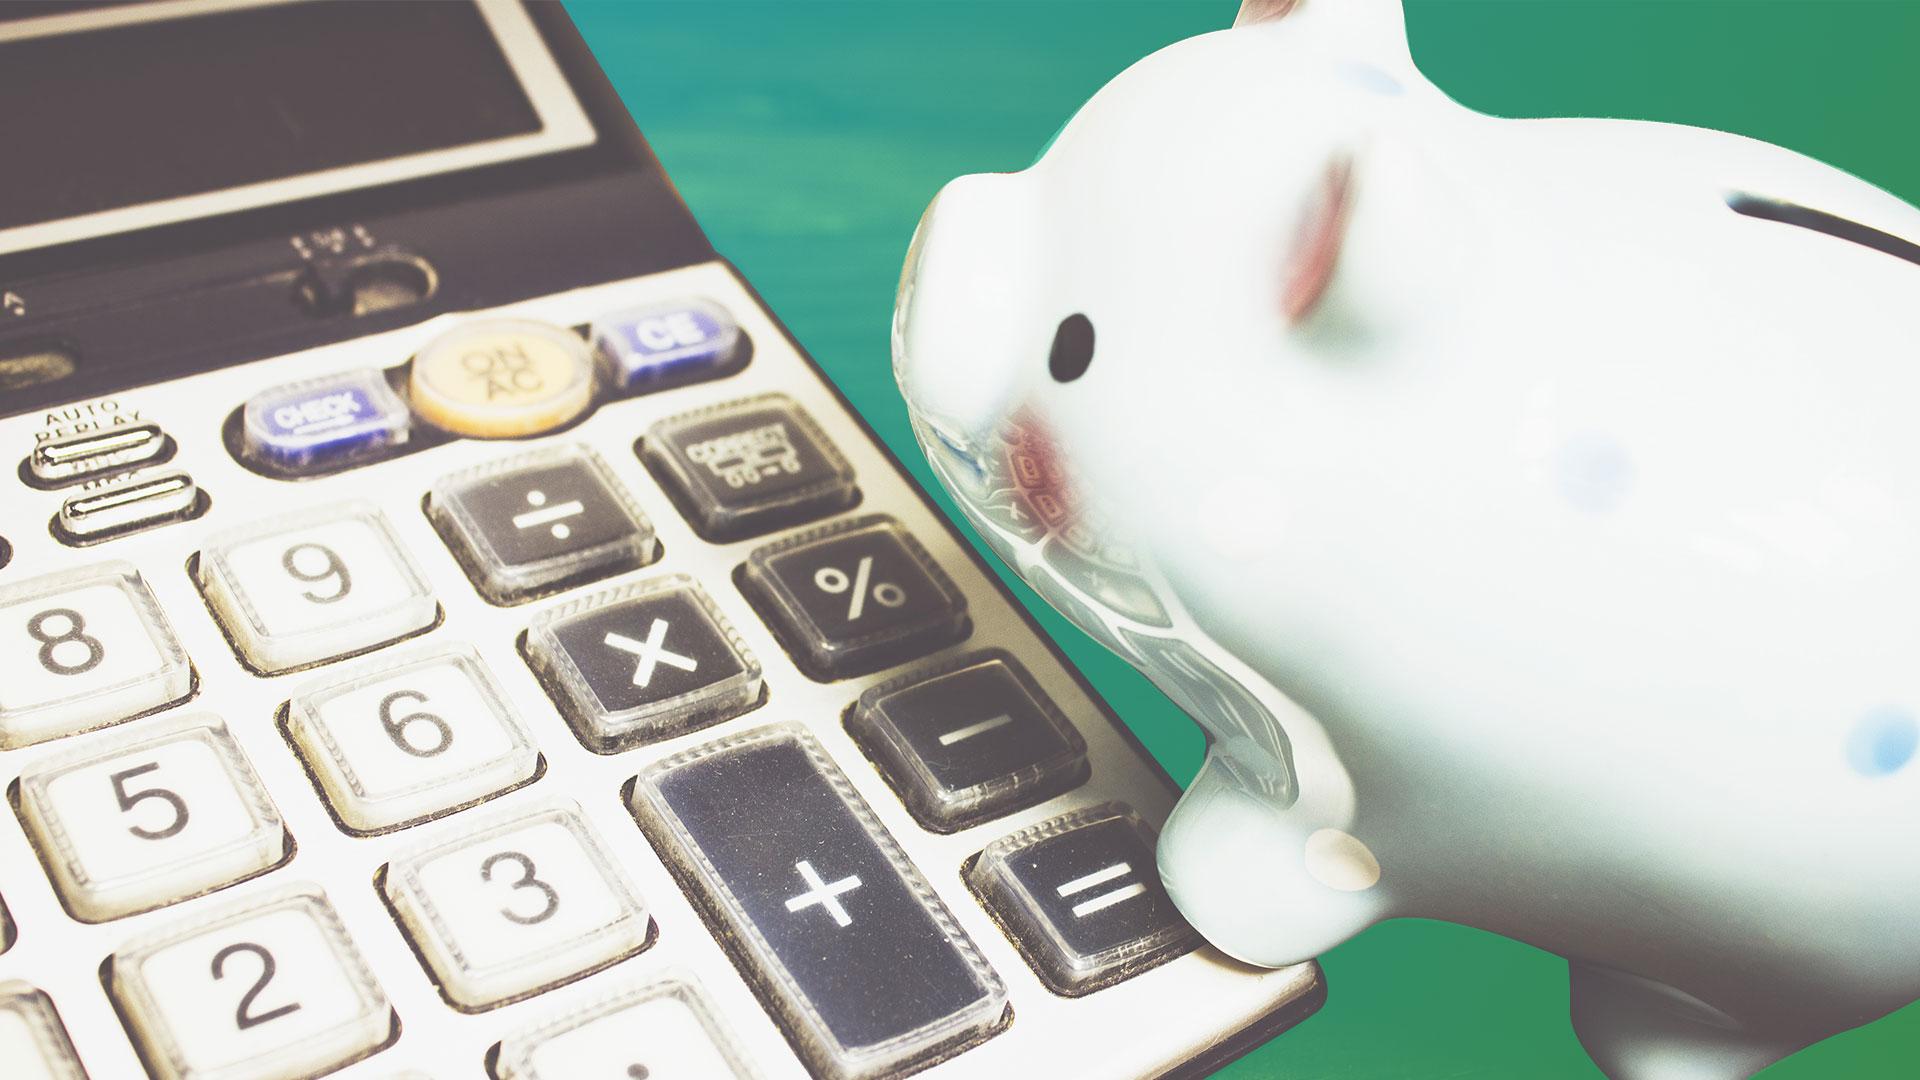 13 Ways to Increase Your 401k | GOBankingRates